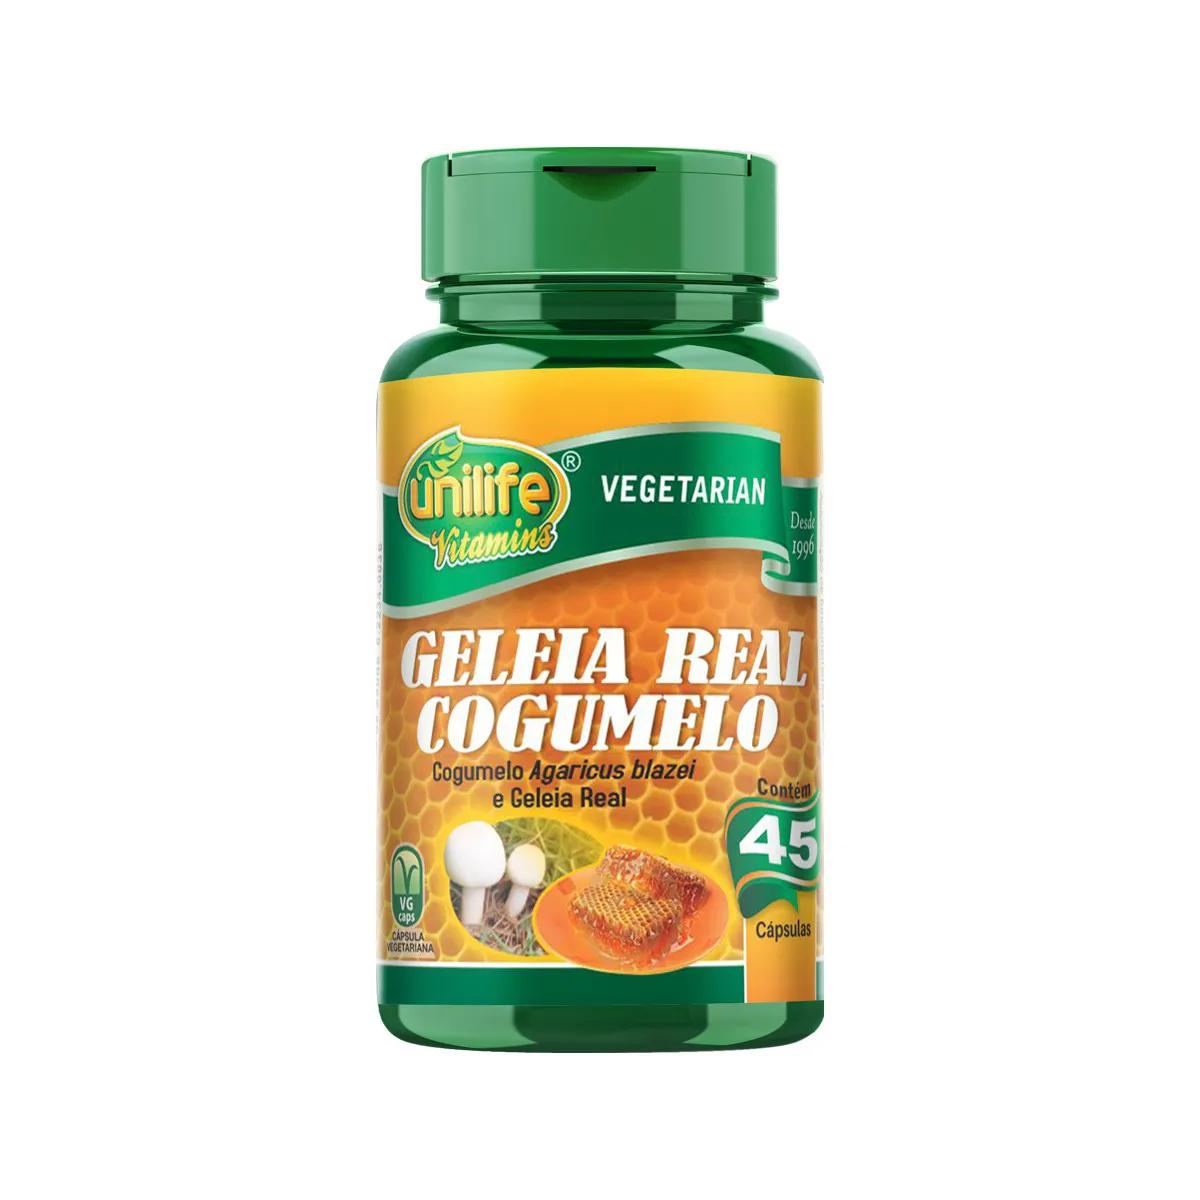 Geléia Real Liofilizada com Cogumelo 780mg 45 Cápsulas - Unilife